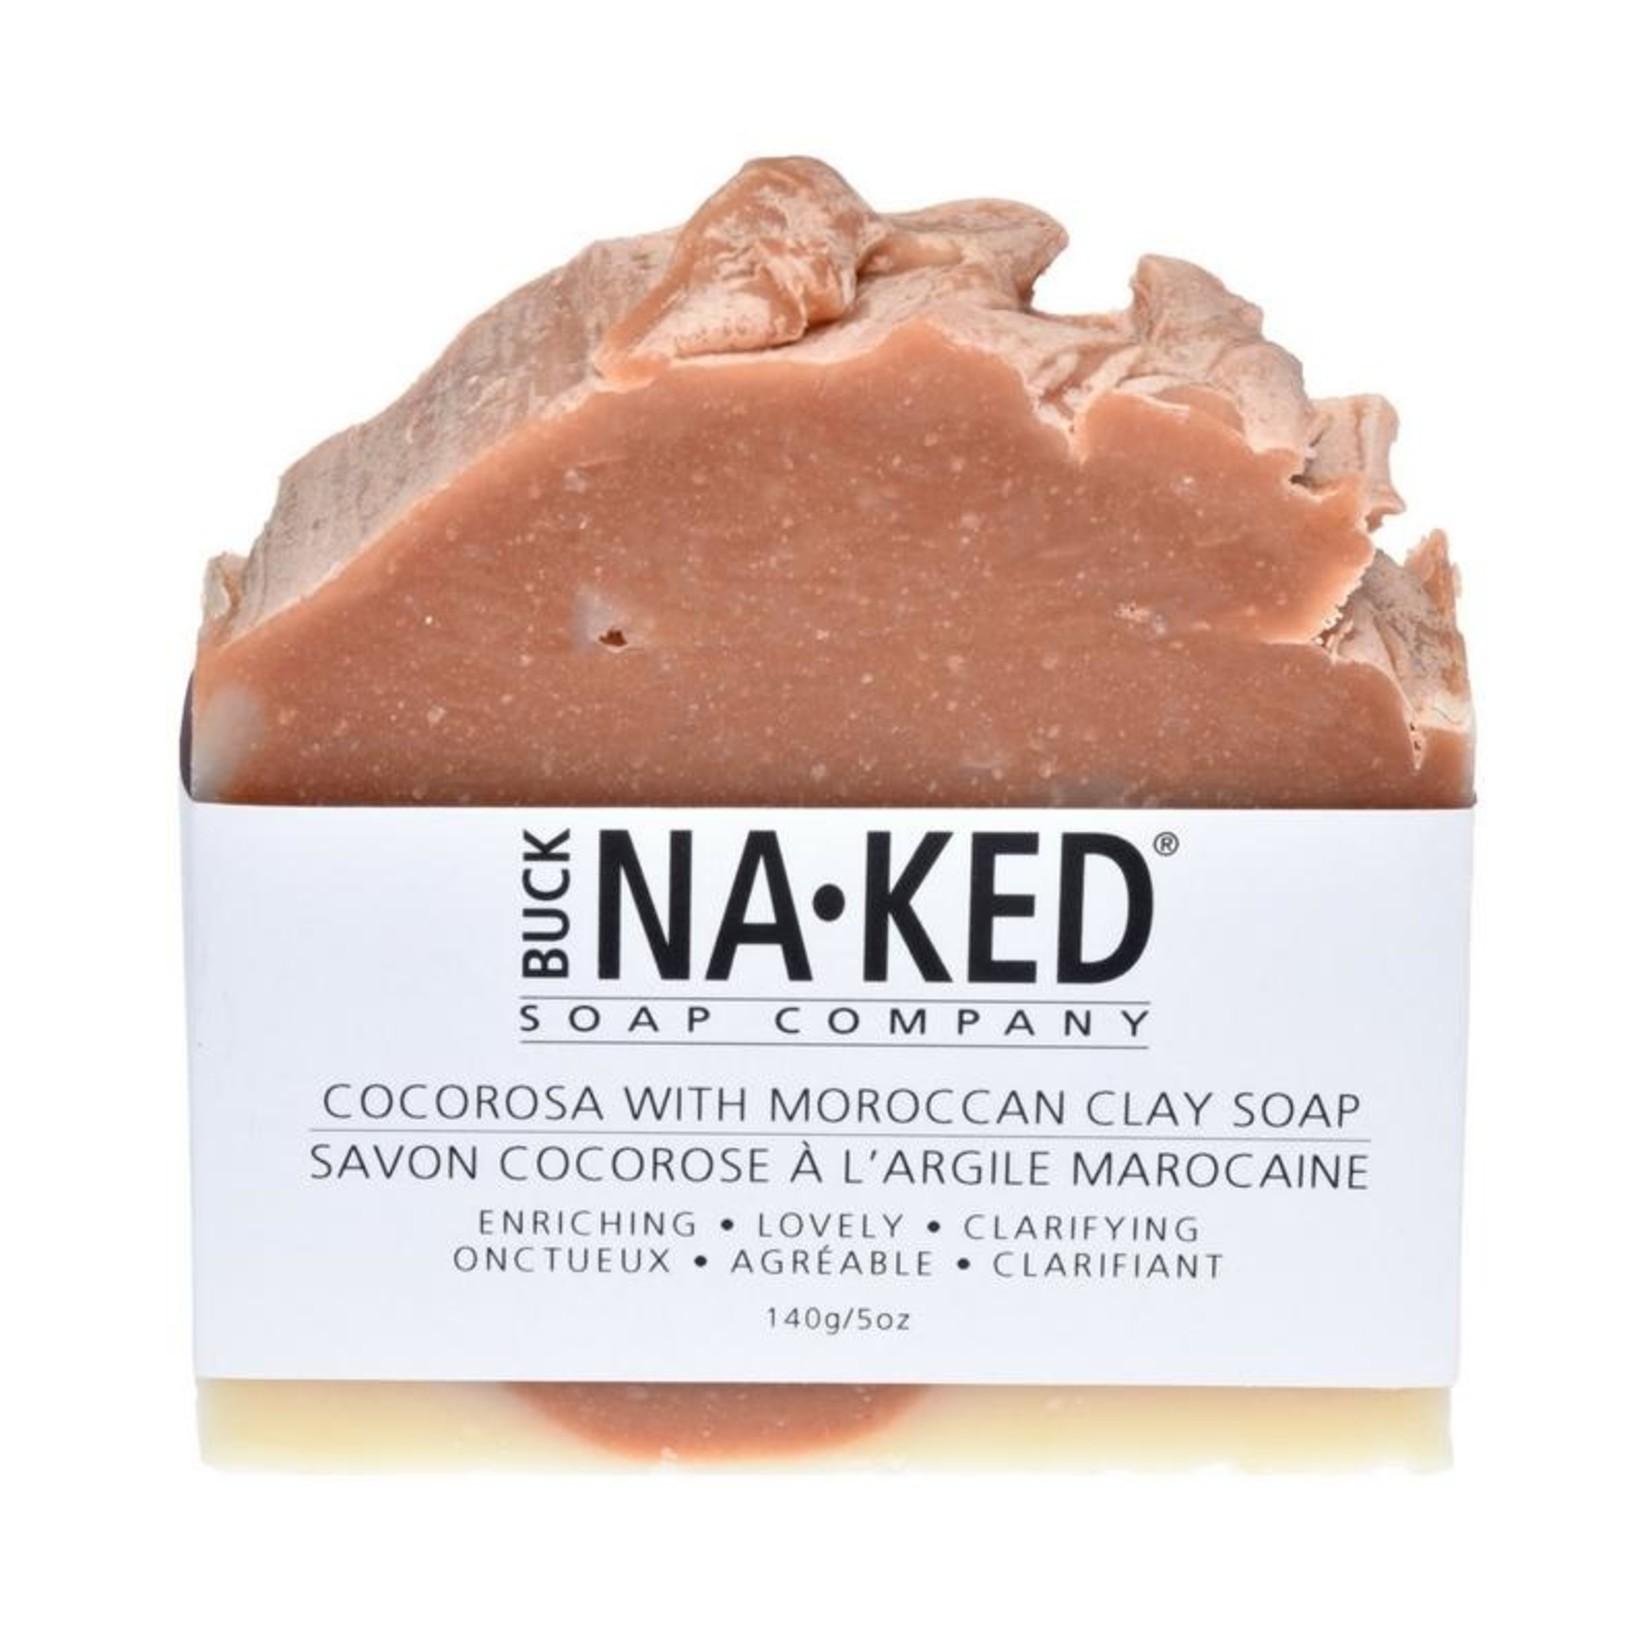 Buck Naked Soap Company Cocorosa Morocan Clay Soap Bar